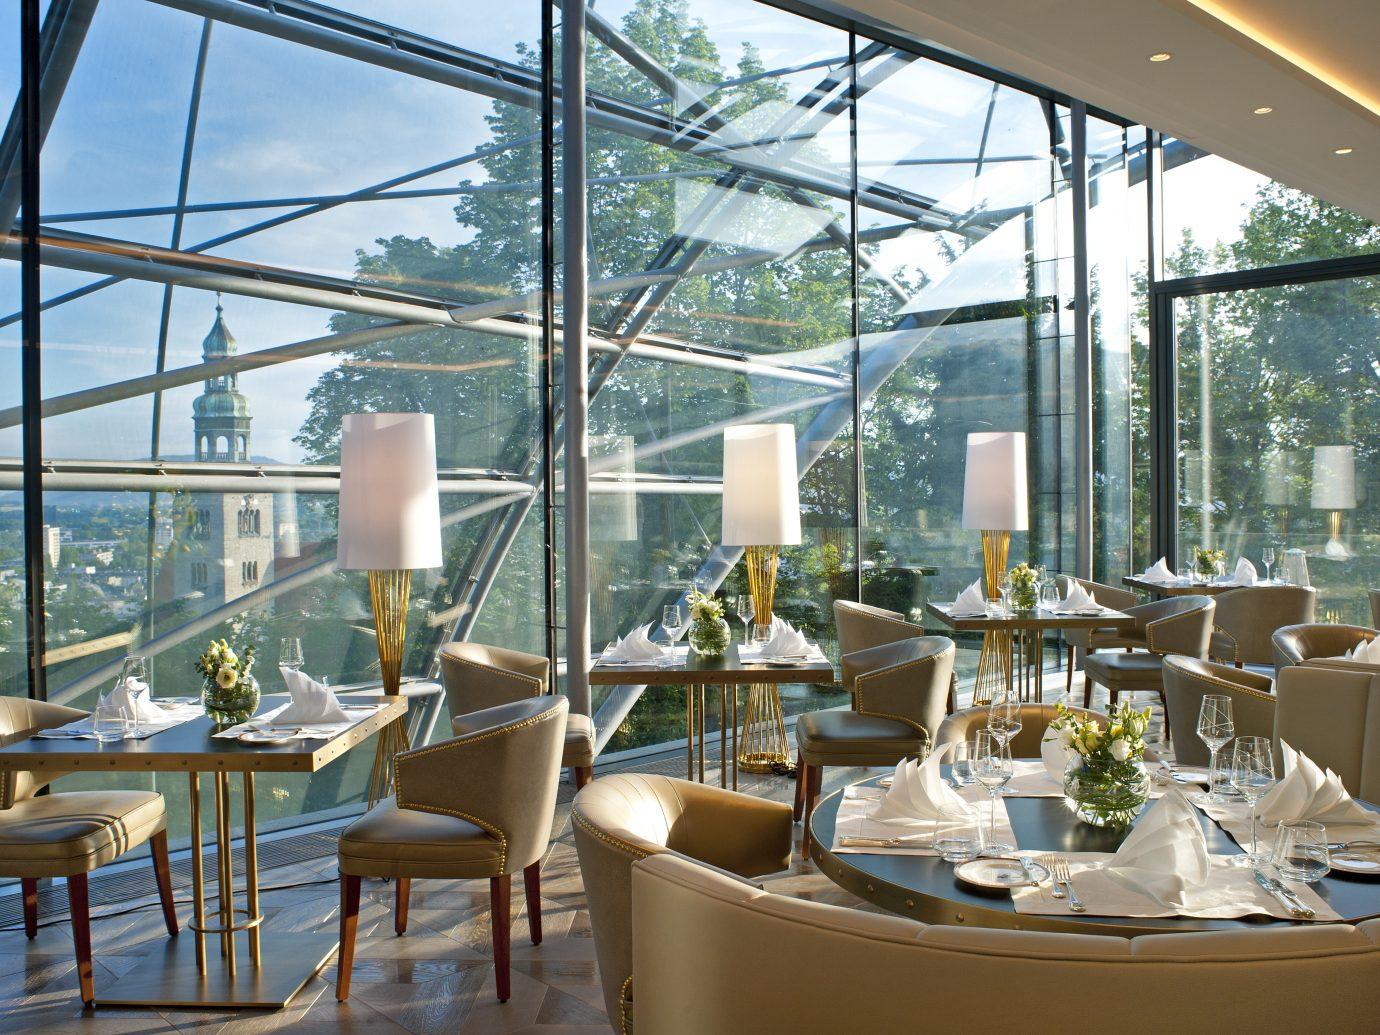 the dining room at Schloss Mönchstein Hotel in Salzburg, Austria